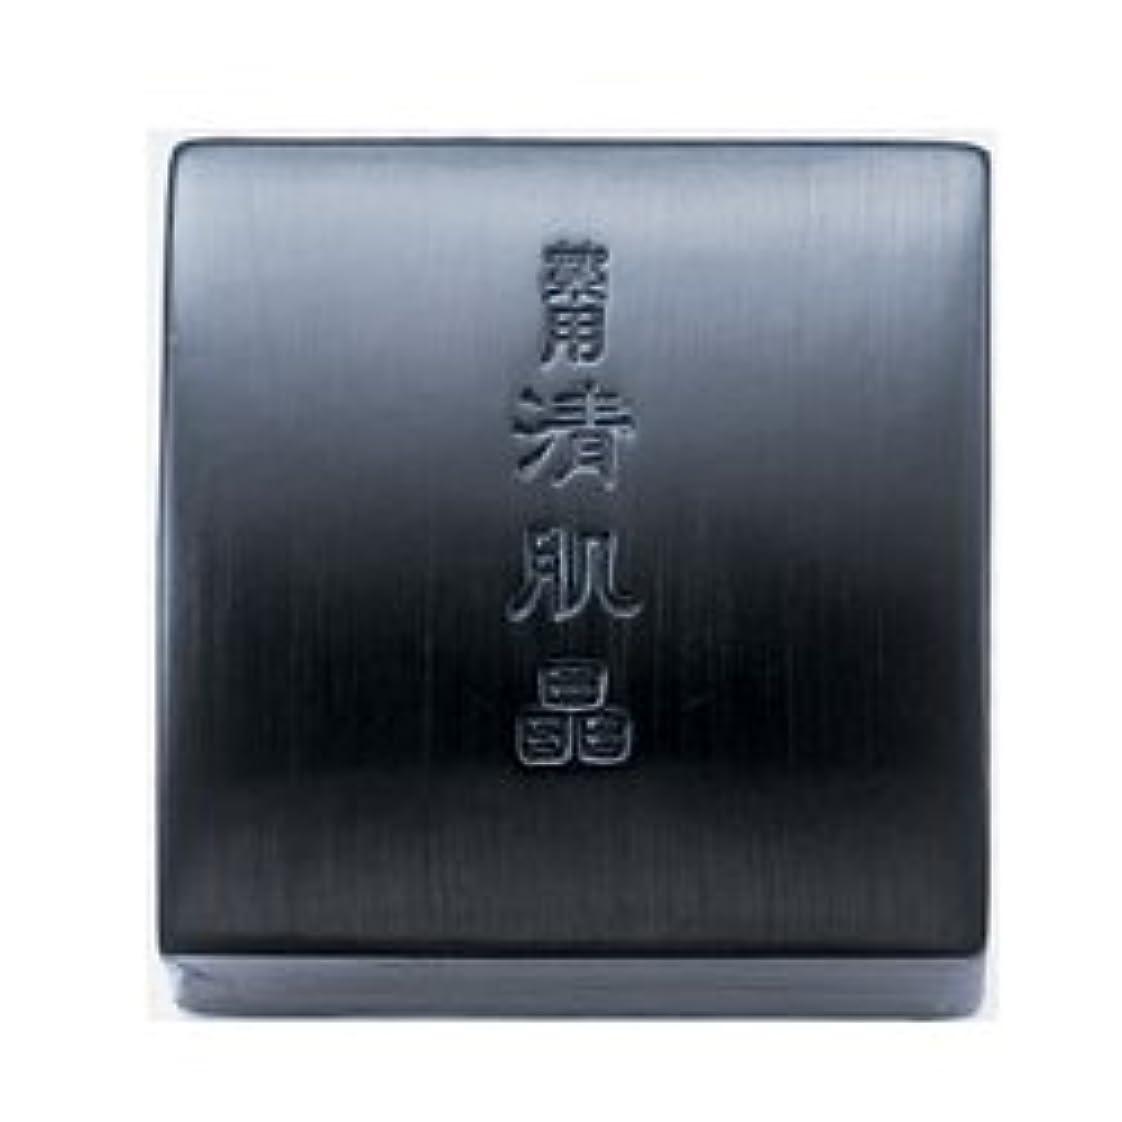 受け継ぐアルバニーボーダーコーセー 薬用 清肌晶 洗顔 石けん 120g アウトレット